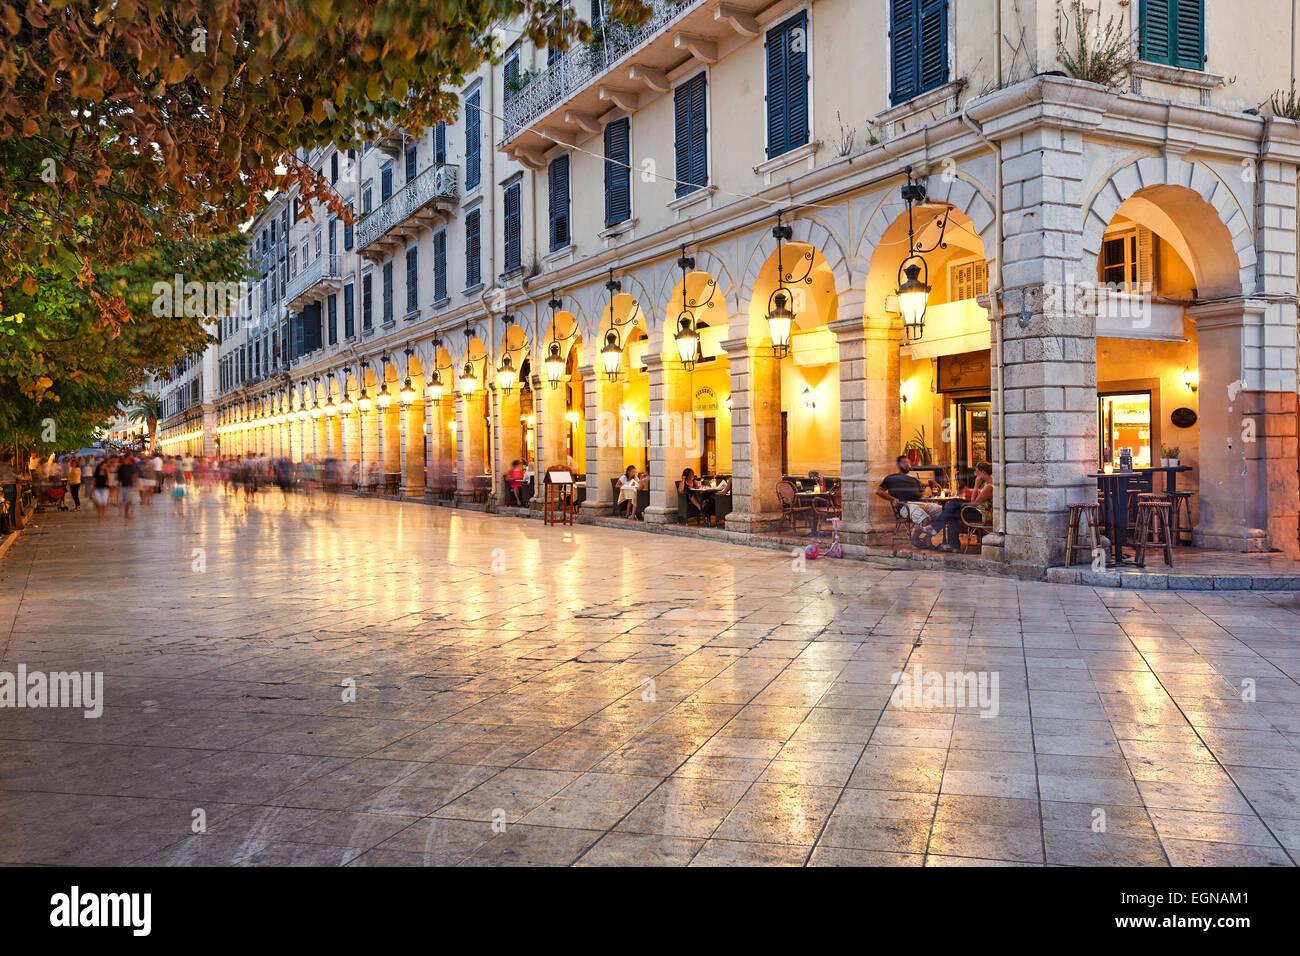 Liston Platz in der Stadt von Korfu, Griechenland Stockbild